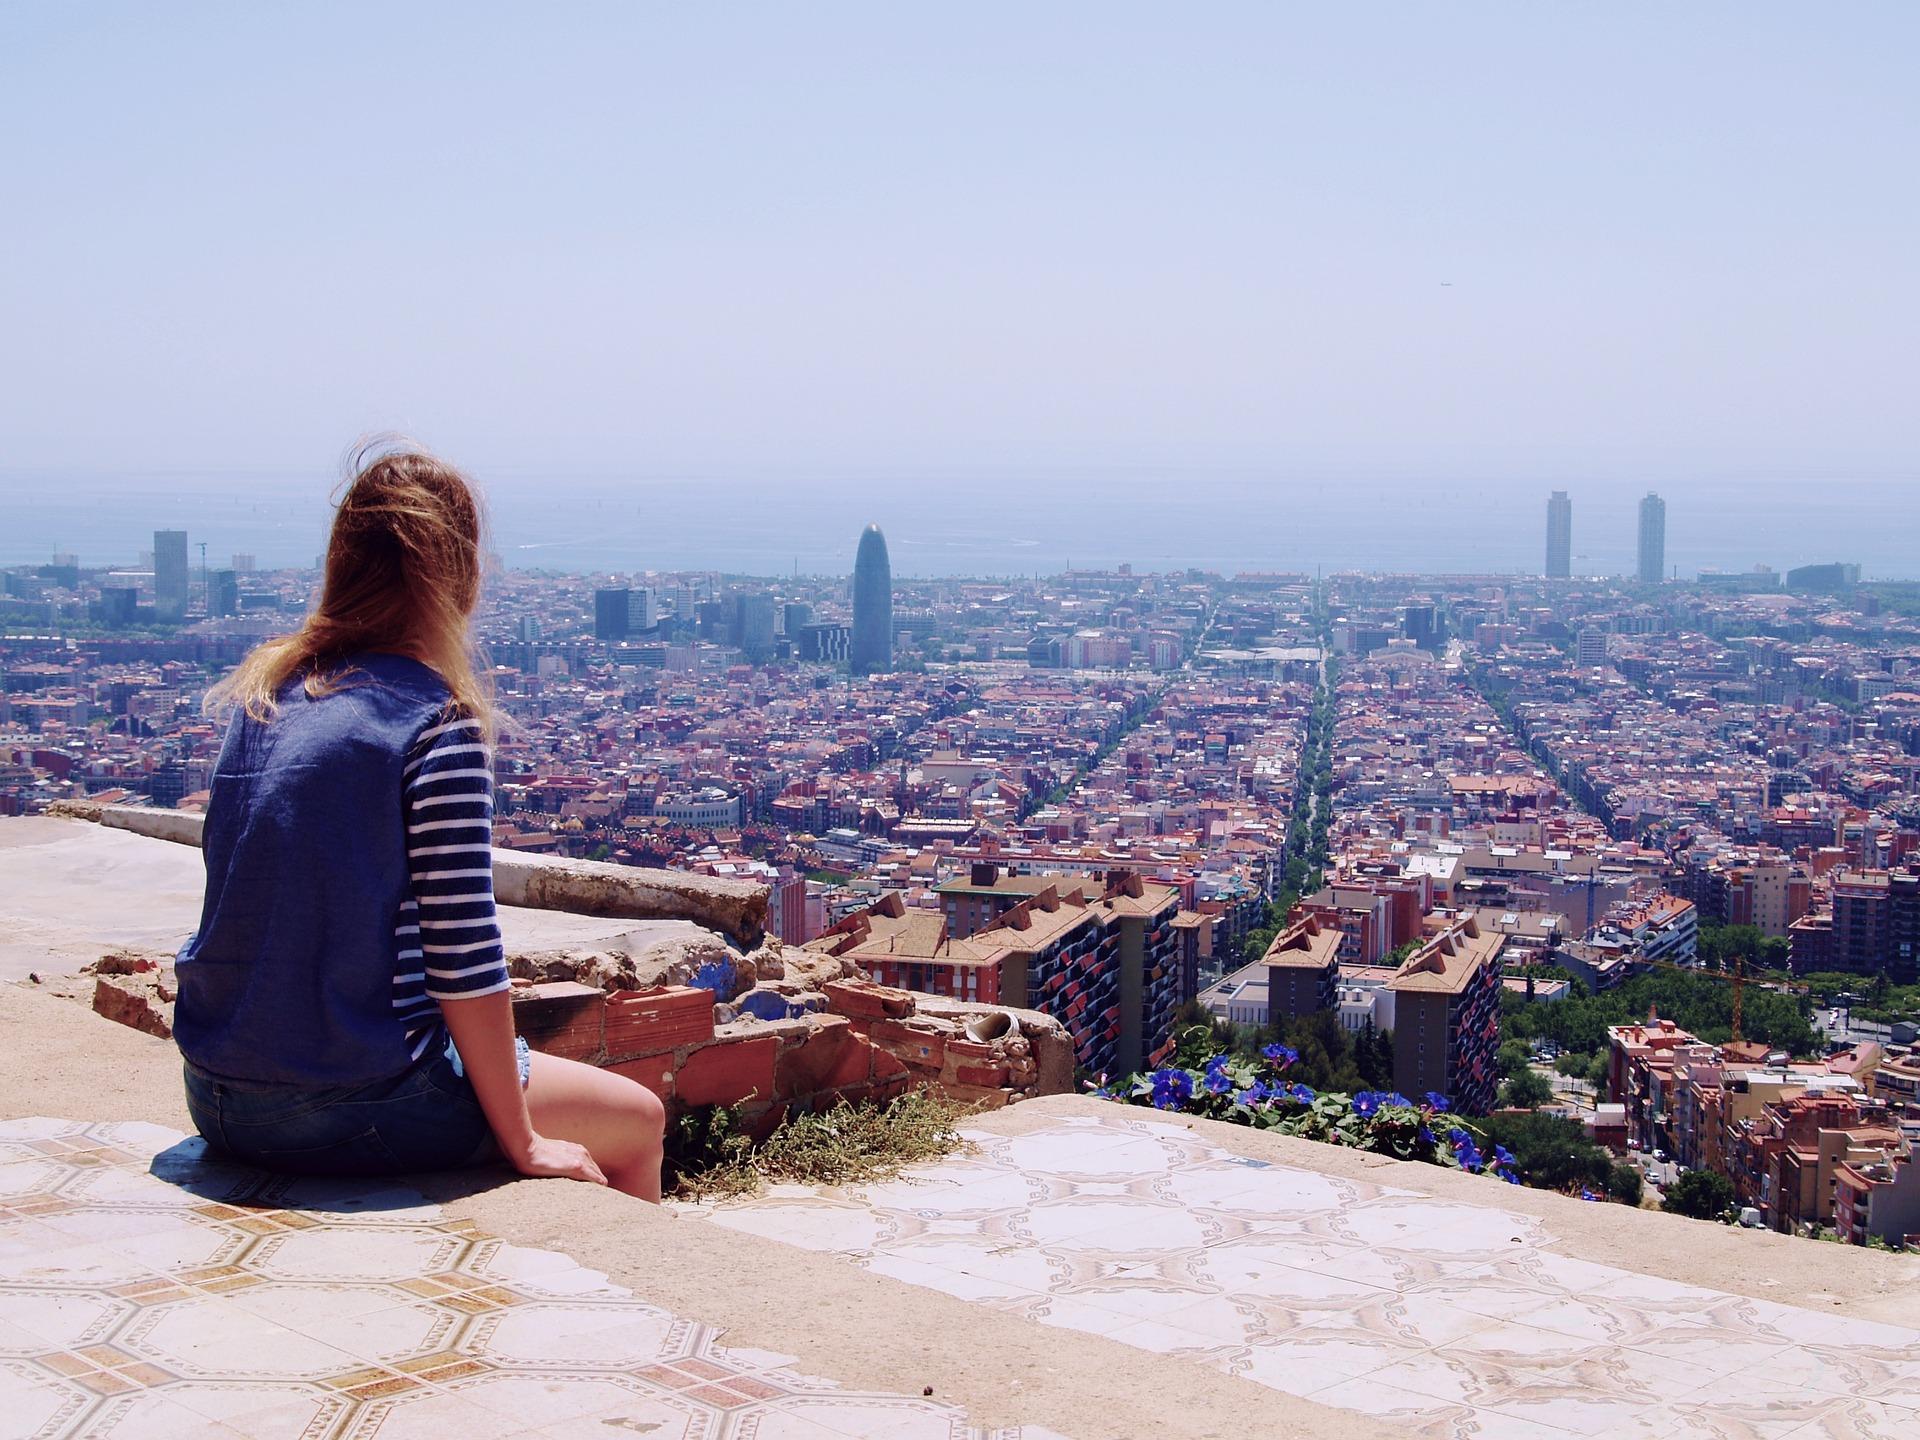 Bei einer Städtereise nach Barcelona kann ich nur empfehlen die Aussichtsplattform der Stadt warzunehmen